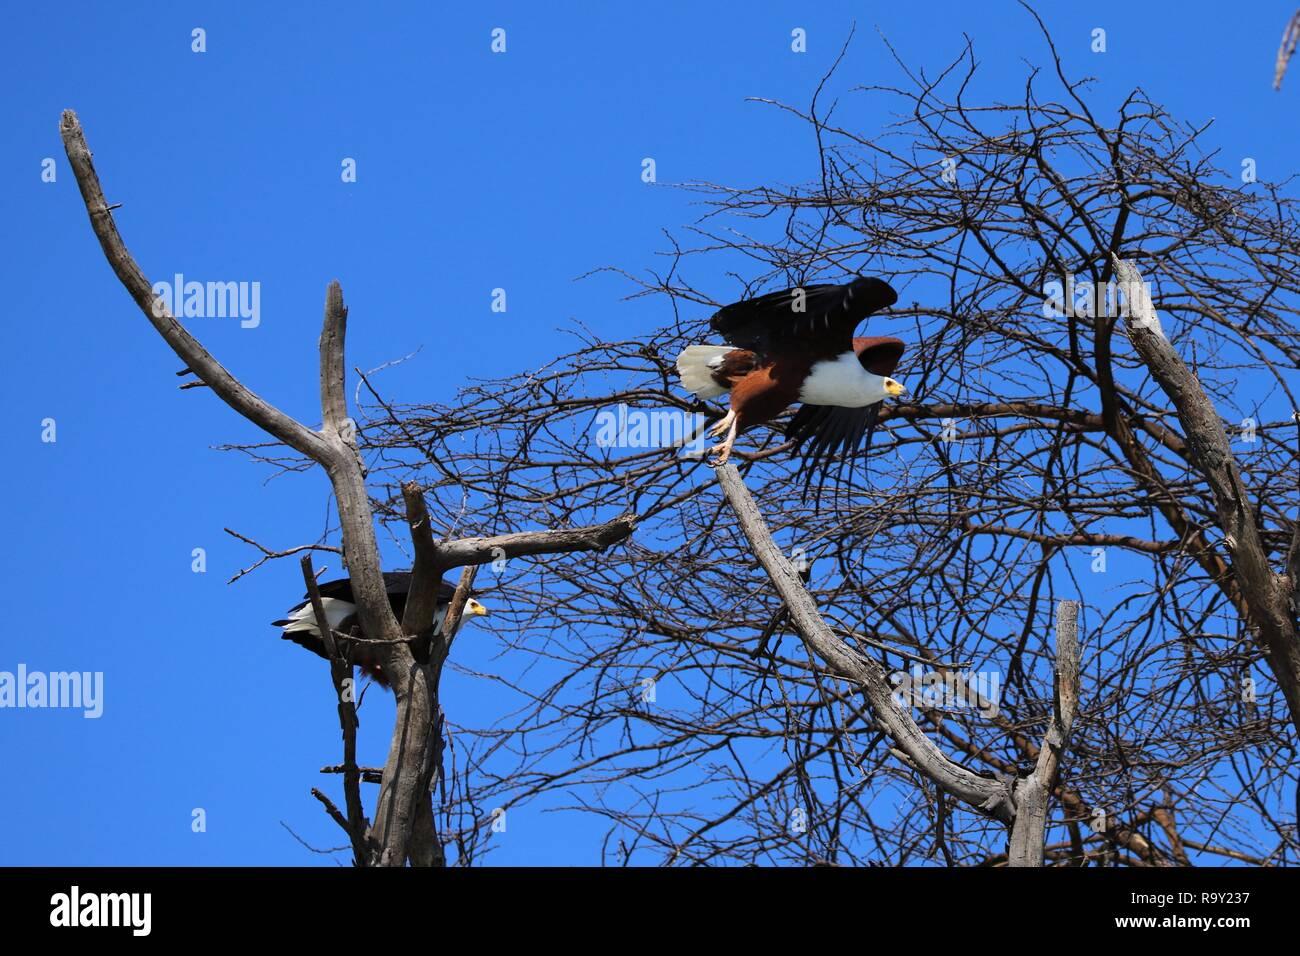 Take-off einer der beiden afrikanischen Fischadler vom Baum Stockfoto